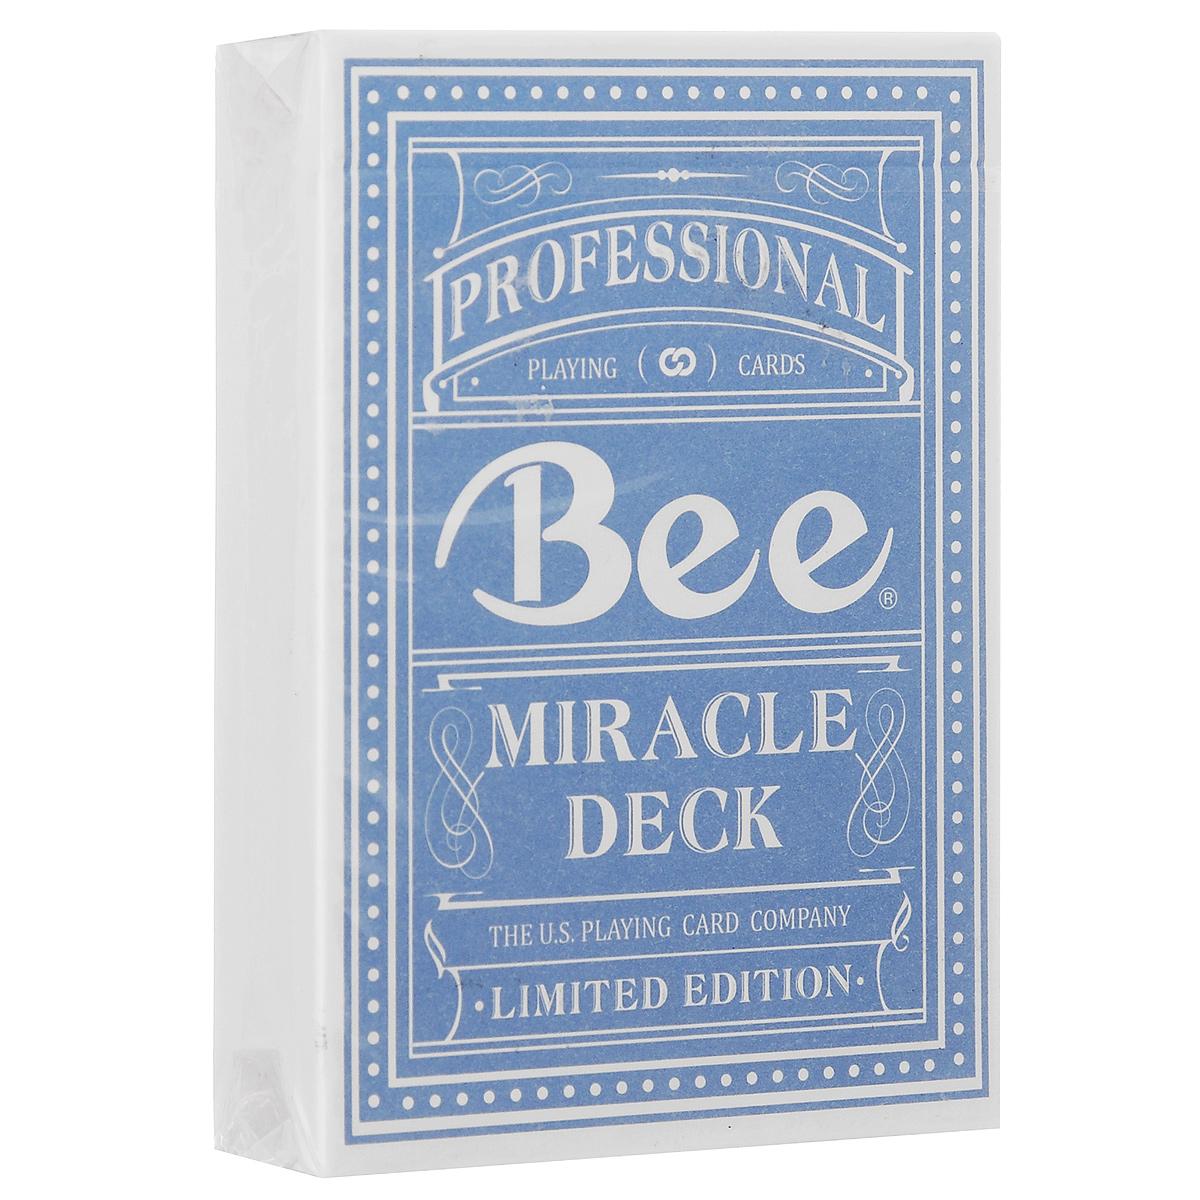 Игральные карты Bee Magic 8 Anniversary, цвет: голубойК-341Колода выпущена специально в честь самой многочисленной магической ассоциации Magic 8 , насчитывающей более 20000 человек. Ее основателем является всемирно известный фокусник Лю Чен.